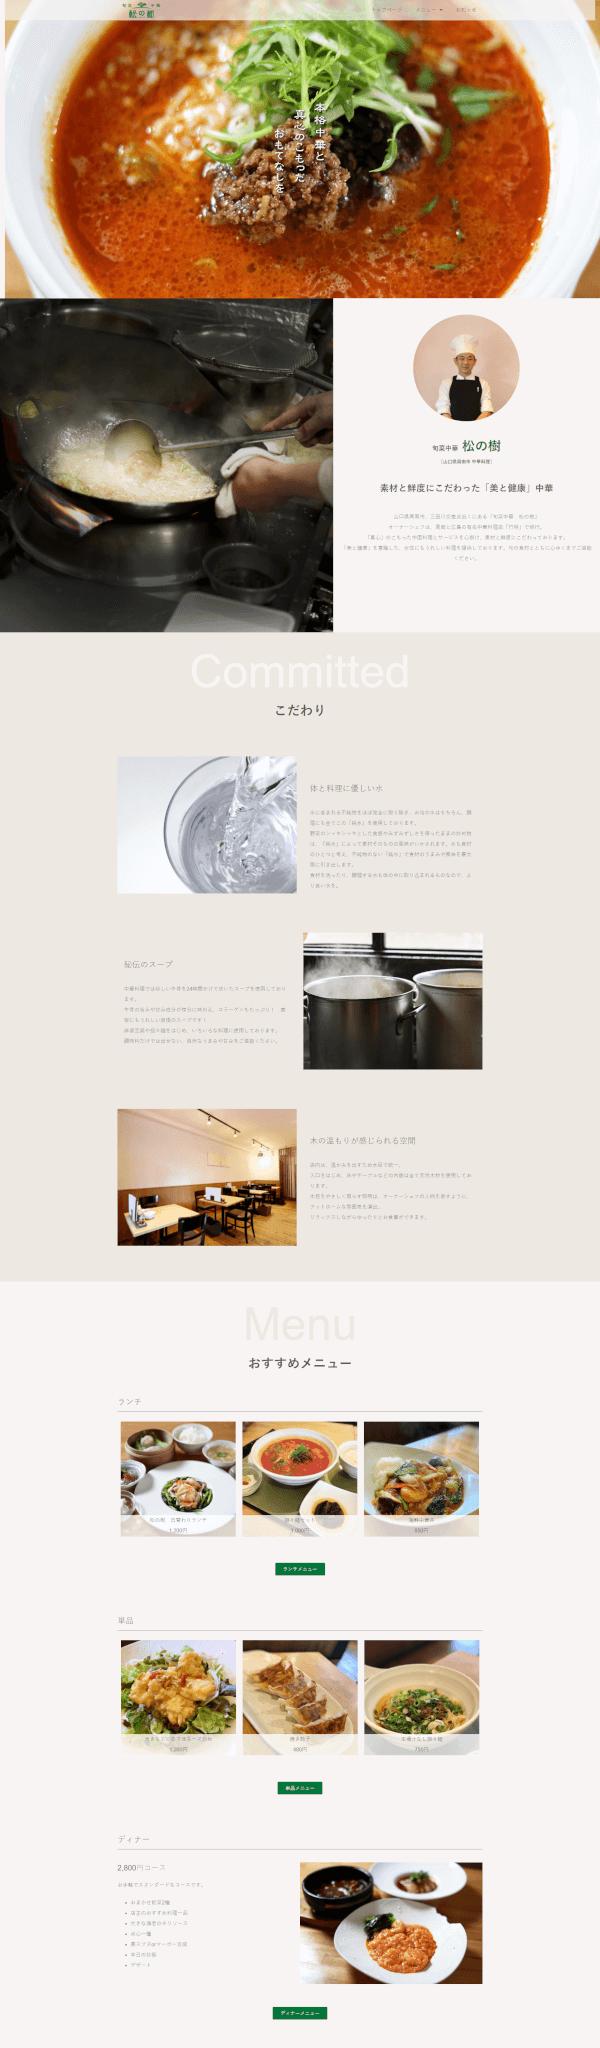 旬菜中華-松の樹